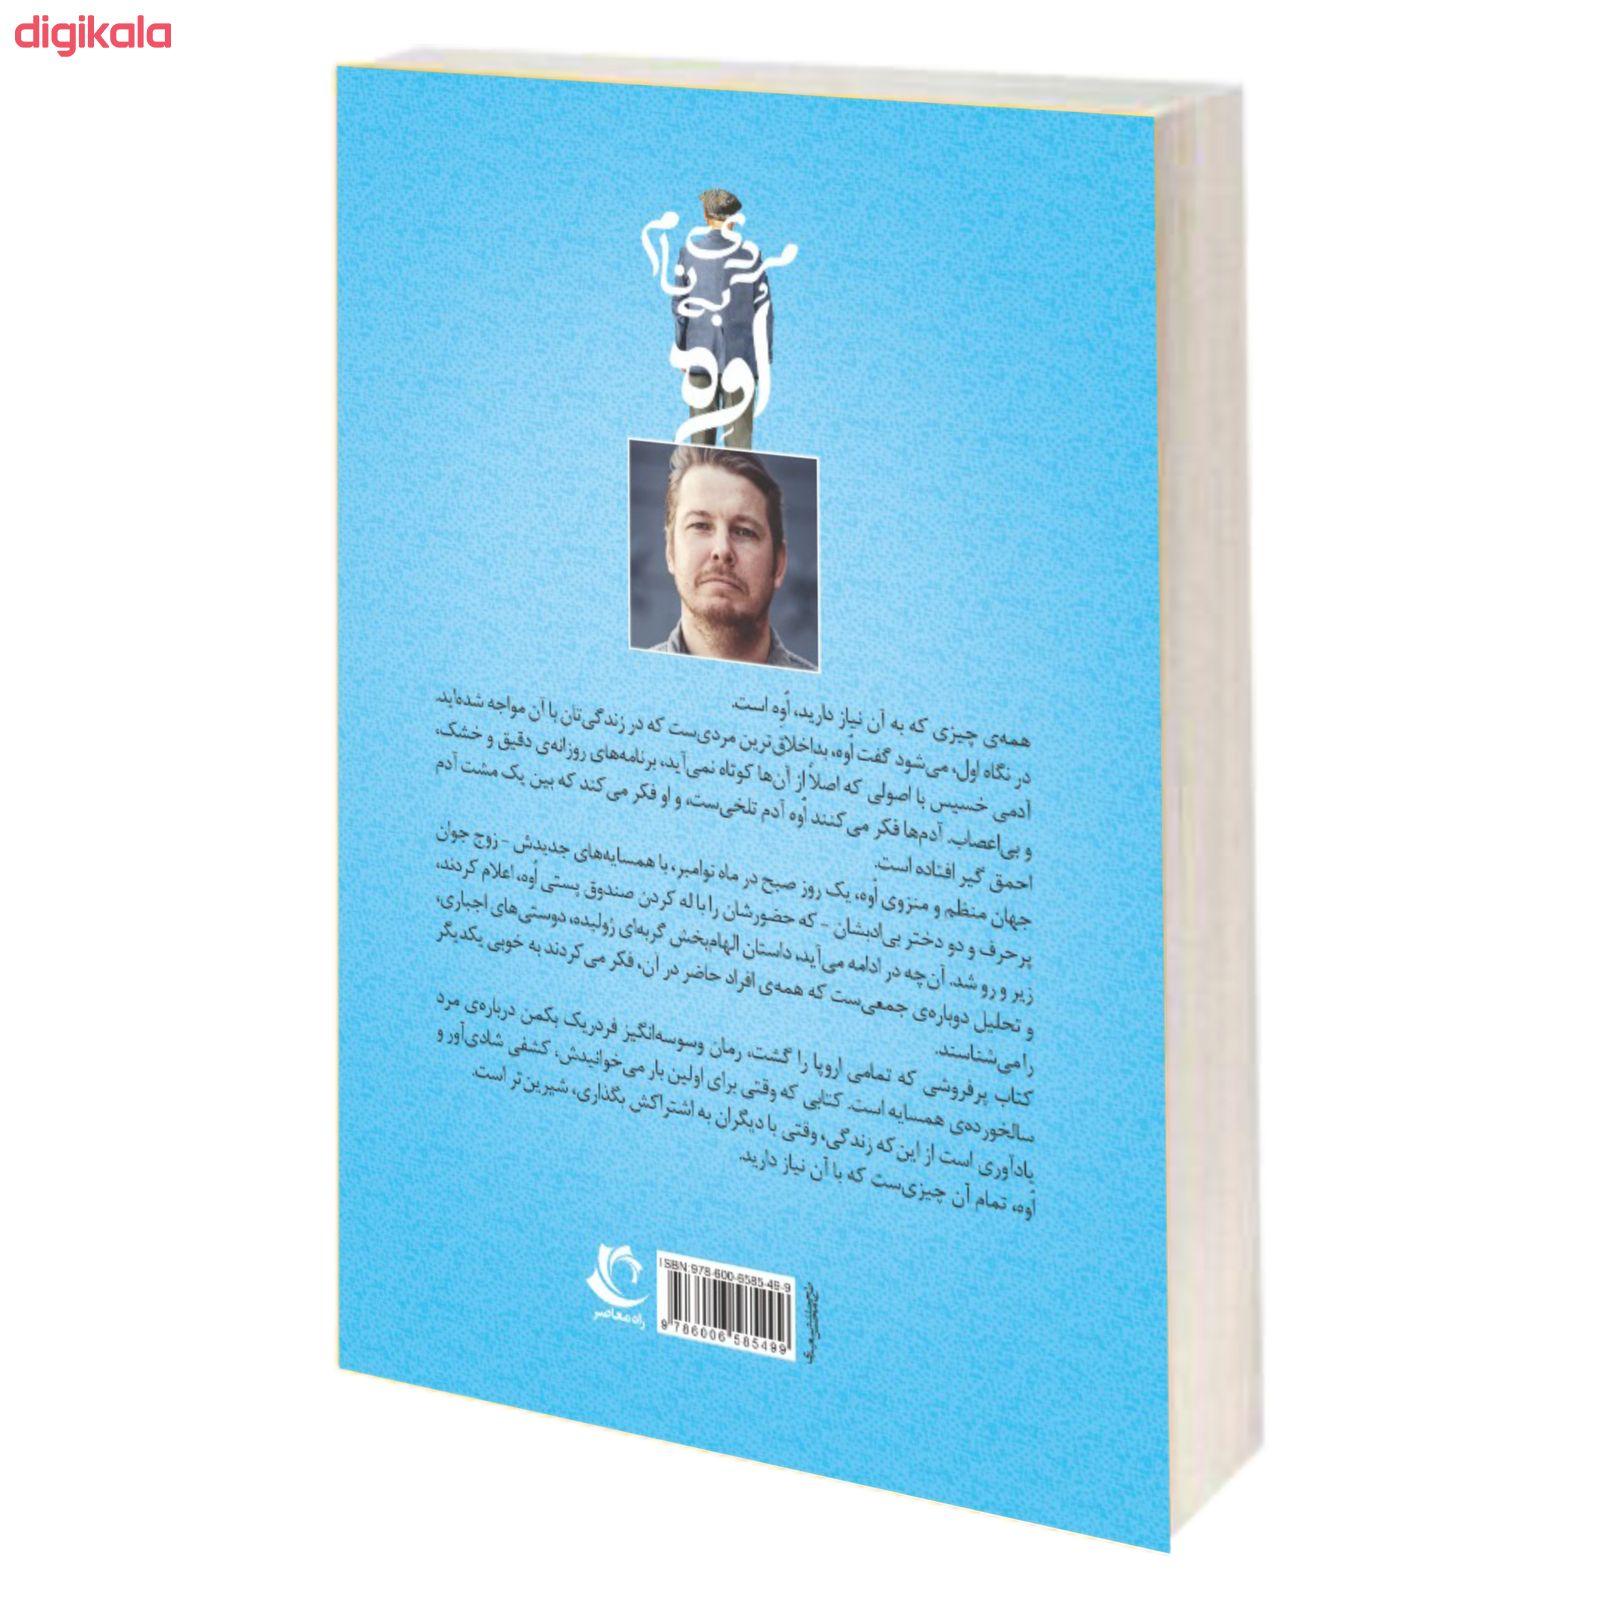 کتاب مردی به نام اوه اثر فردریک بکمن نشر راه معاصر main 1 1